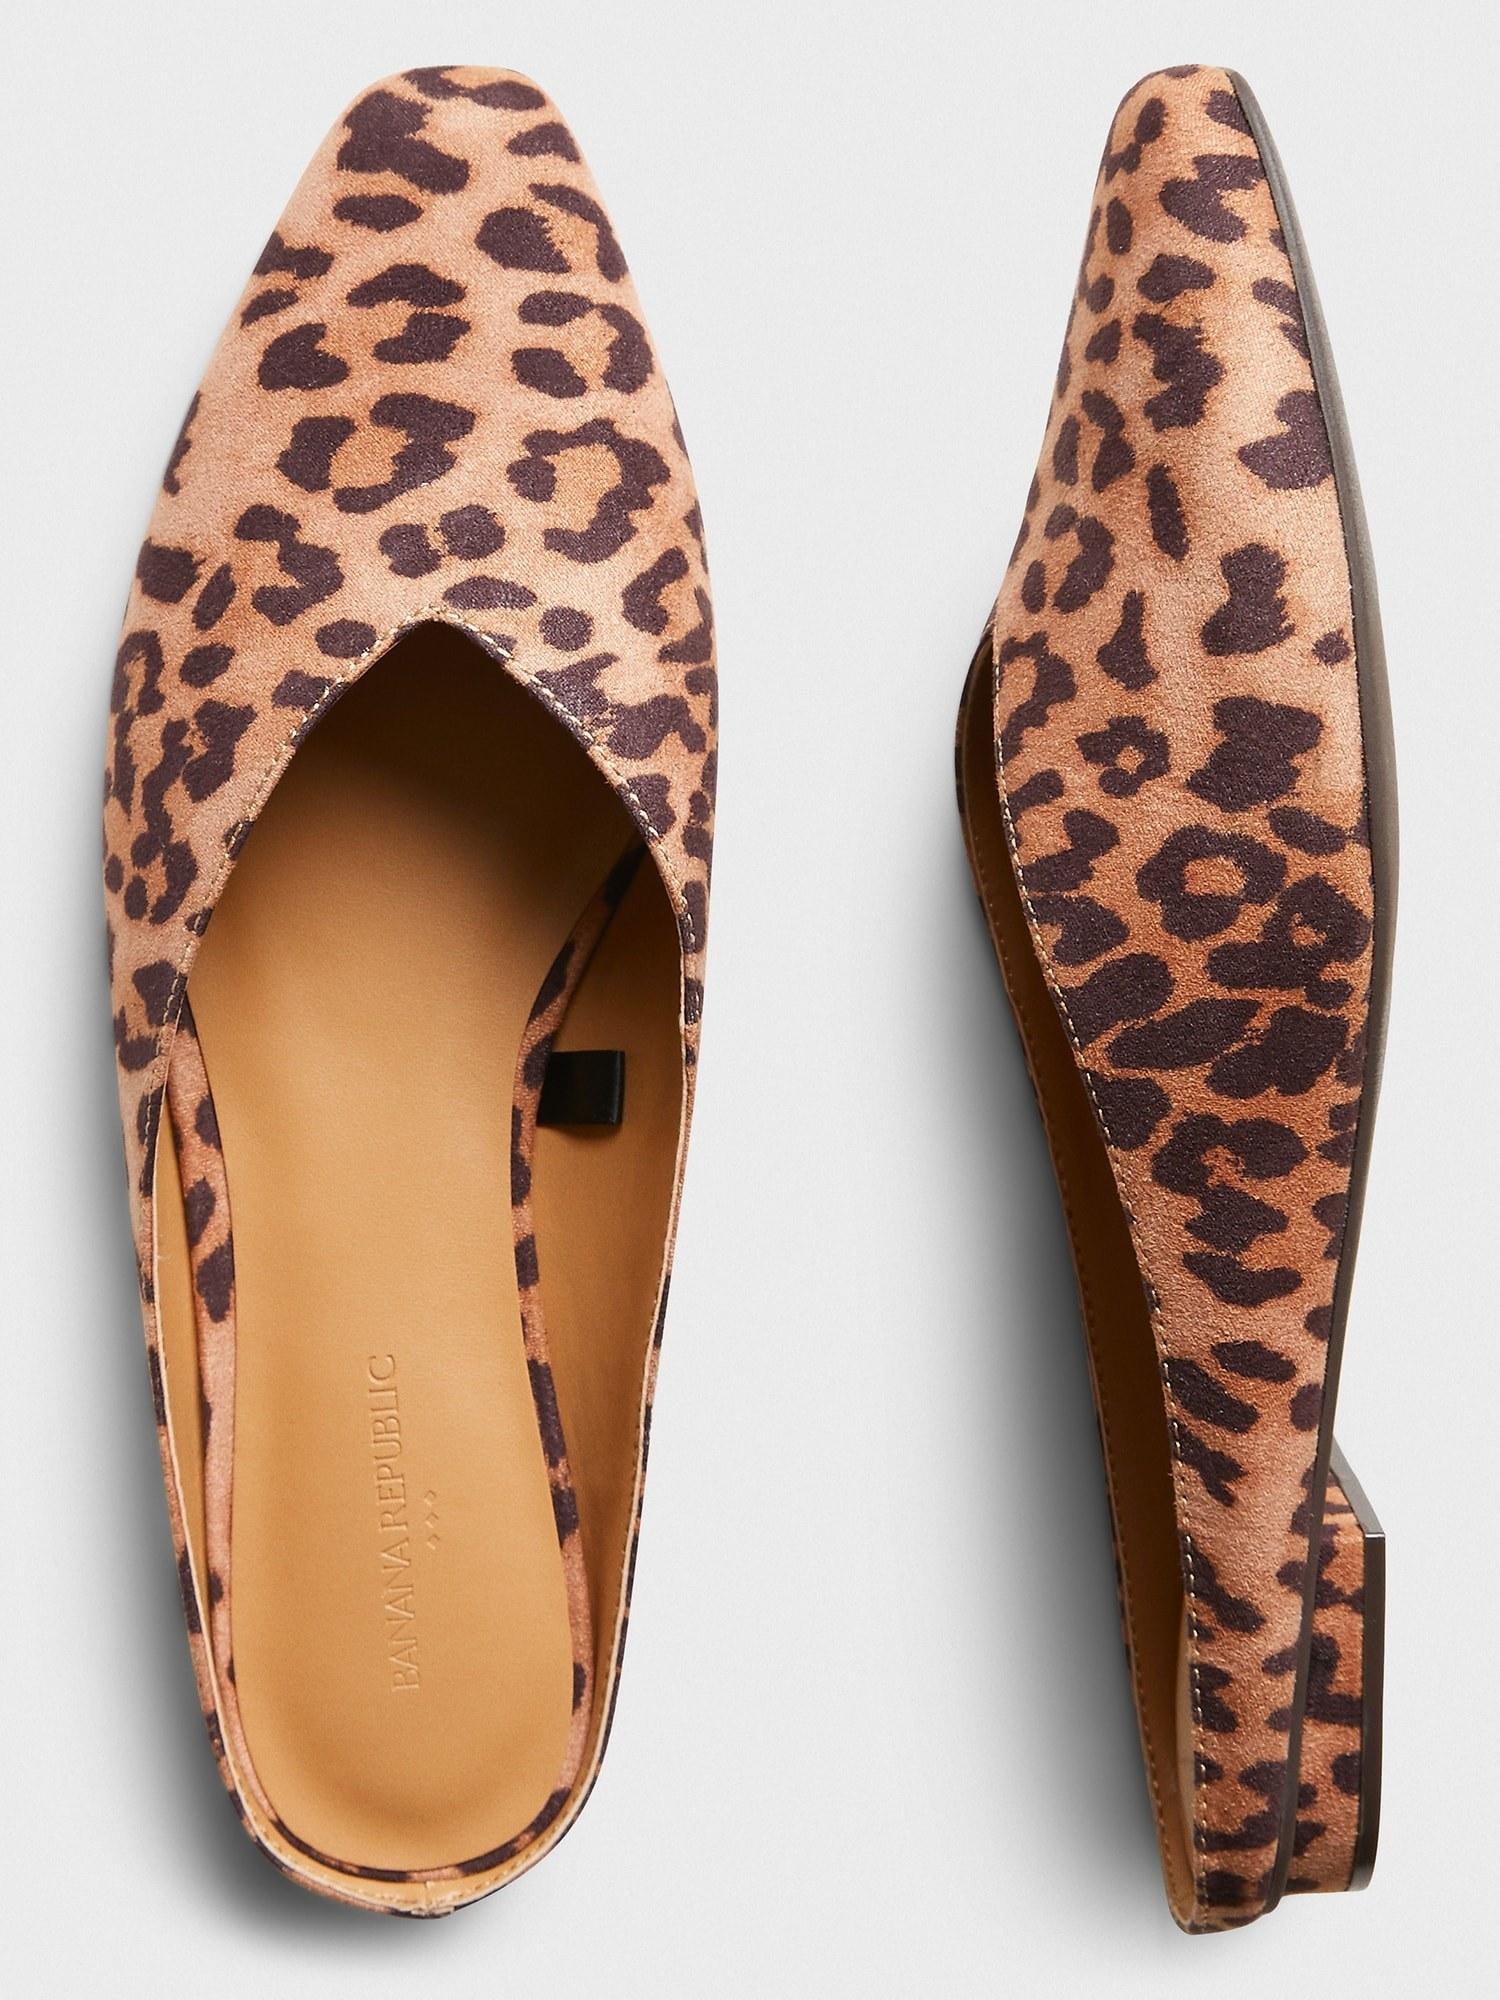 The leopard print shoes